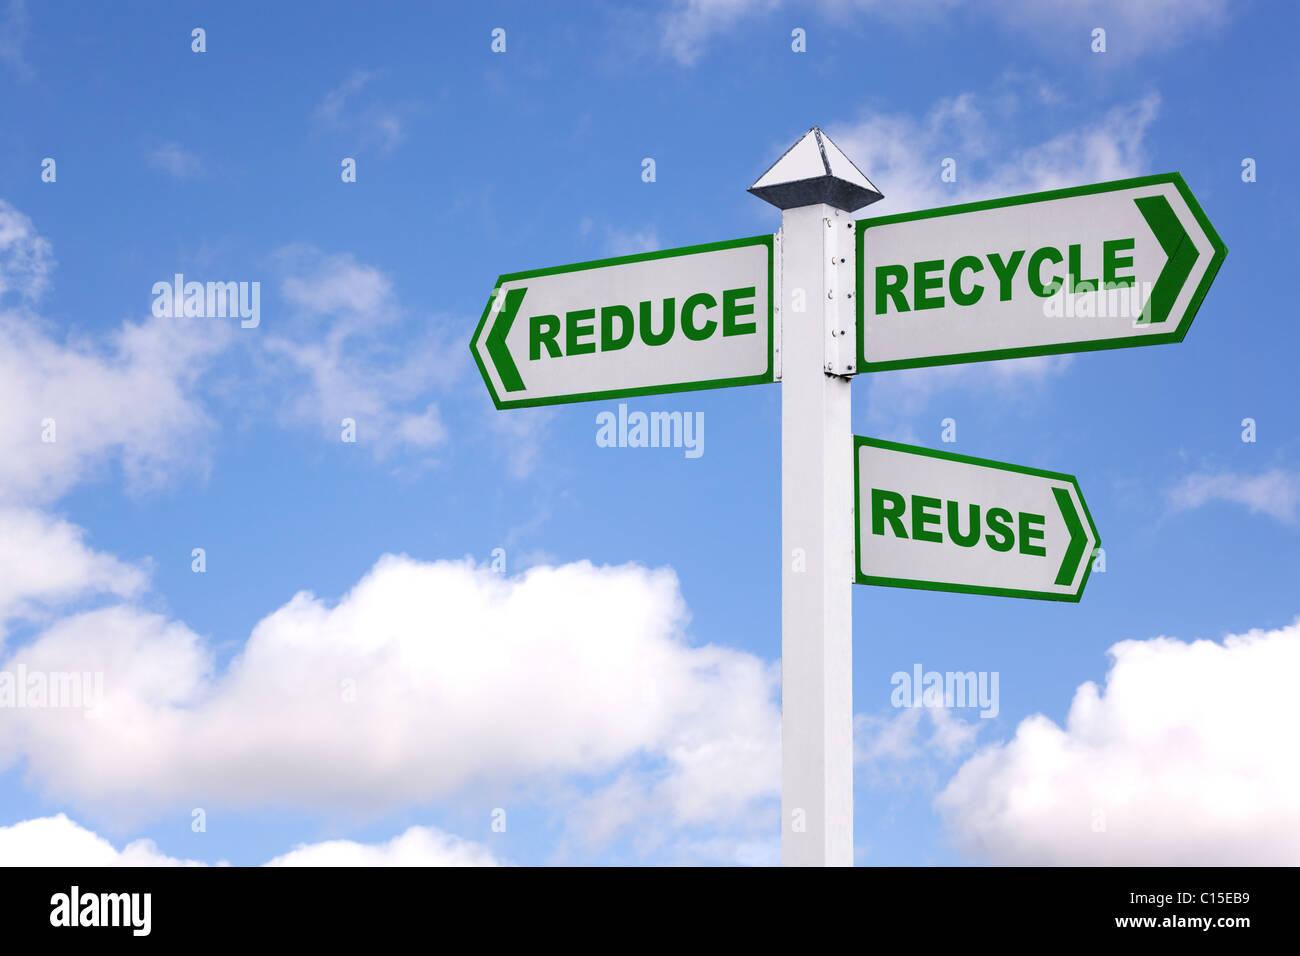 Concetto di riciclaggio immagine di un cartello con la 3 Rs in testo verde su le frecce direzionali, ridurre, riciclare Immagini Stock